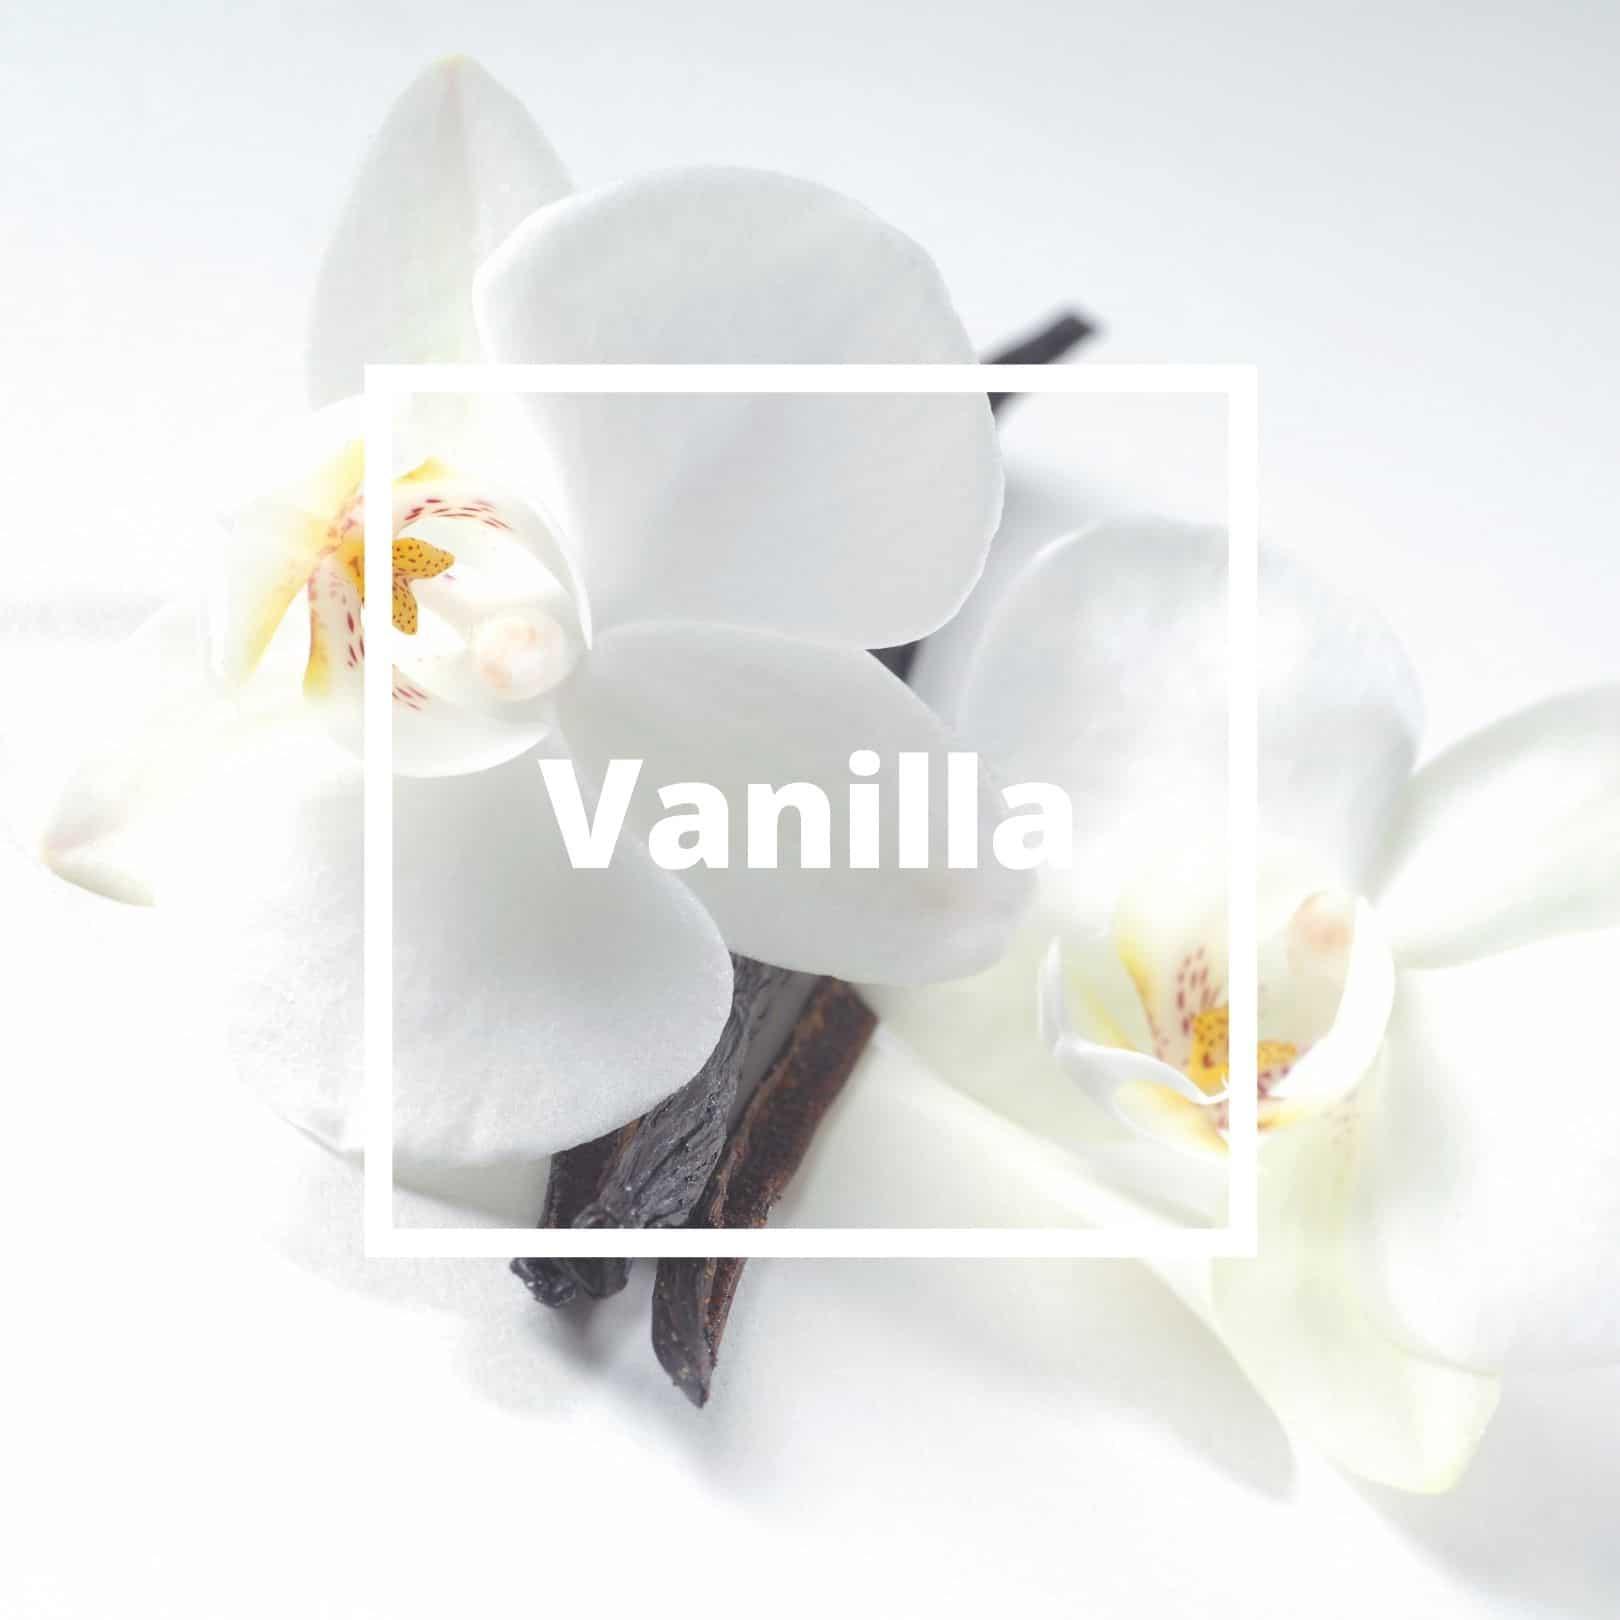 L'ATELIERO - Vanilla - Belle Mademoiselle